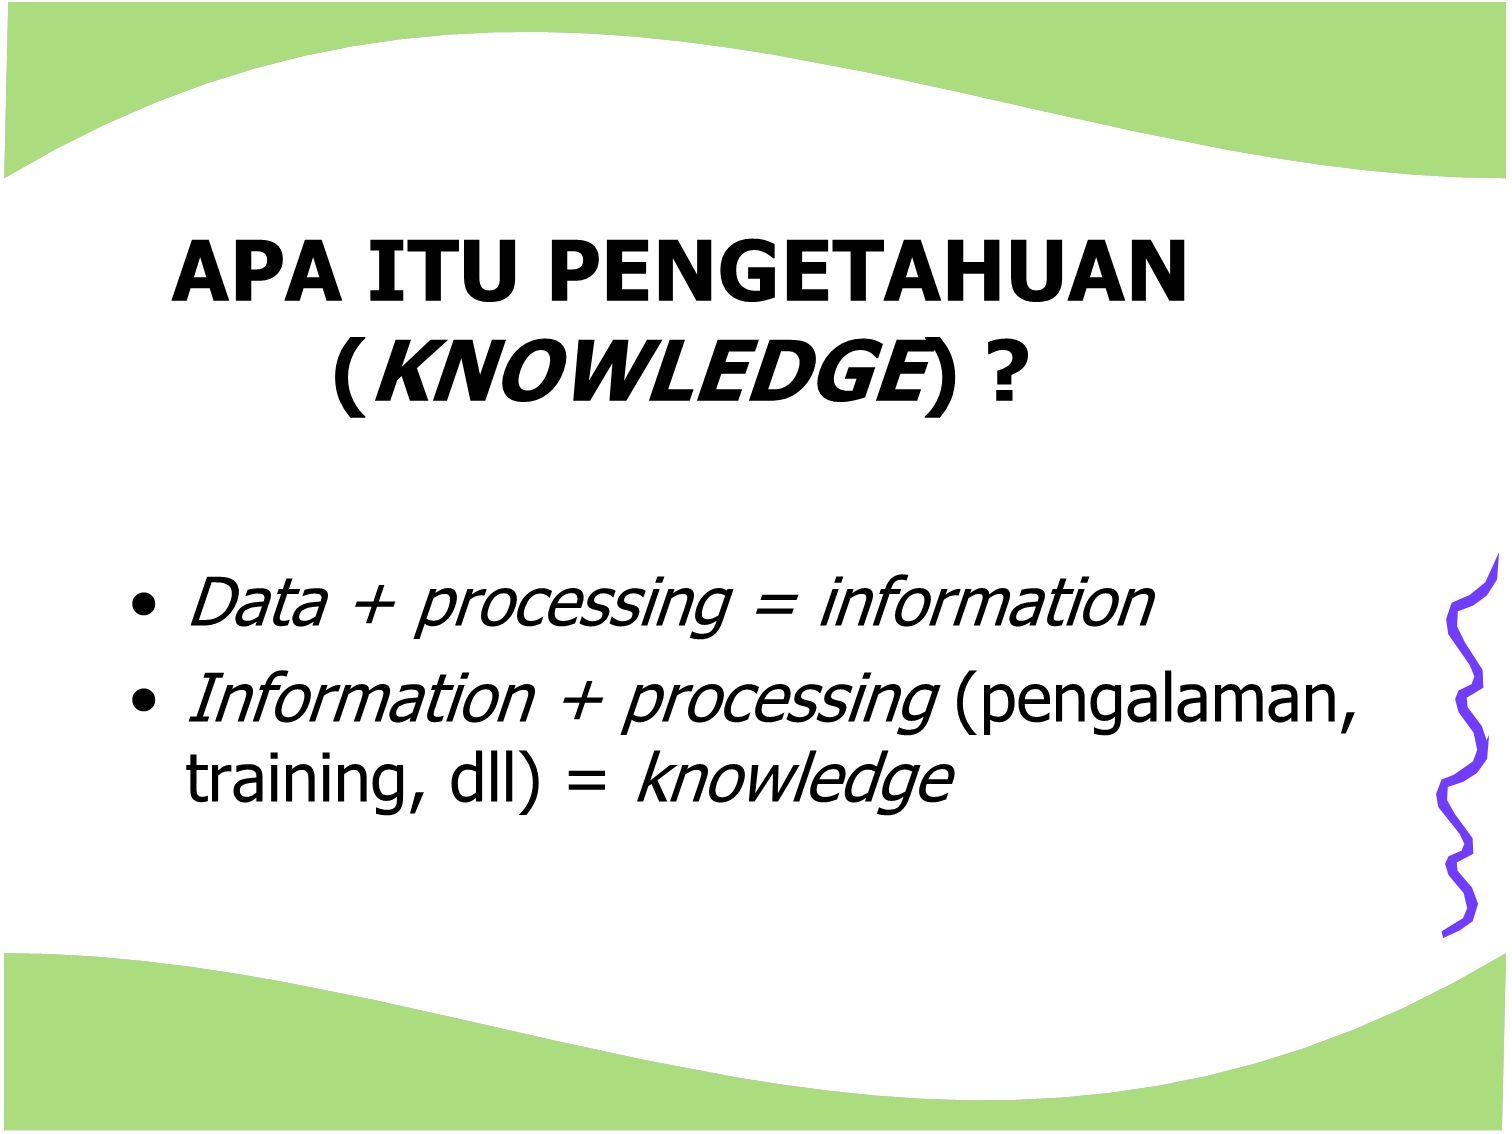 WORKING MEMORY Bagian dari sistem pakar yang berisi fakta-fakta masalah yang ditemukan dalam suatu sesi Berisi fakta-fakta tentang suatu masalah yang ditemukan dalam proses konsultasi